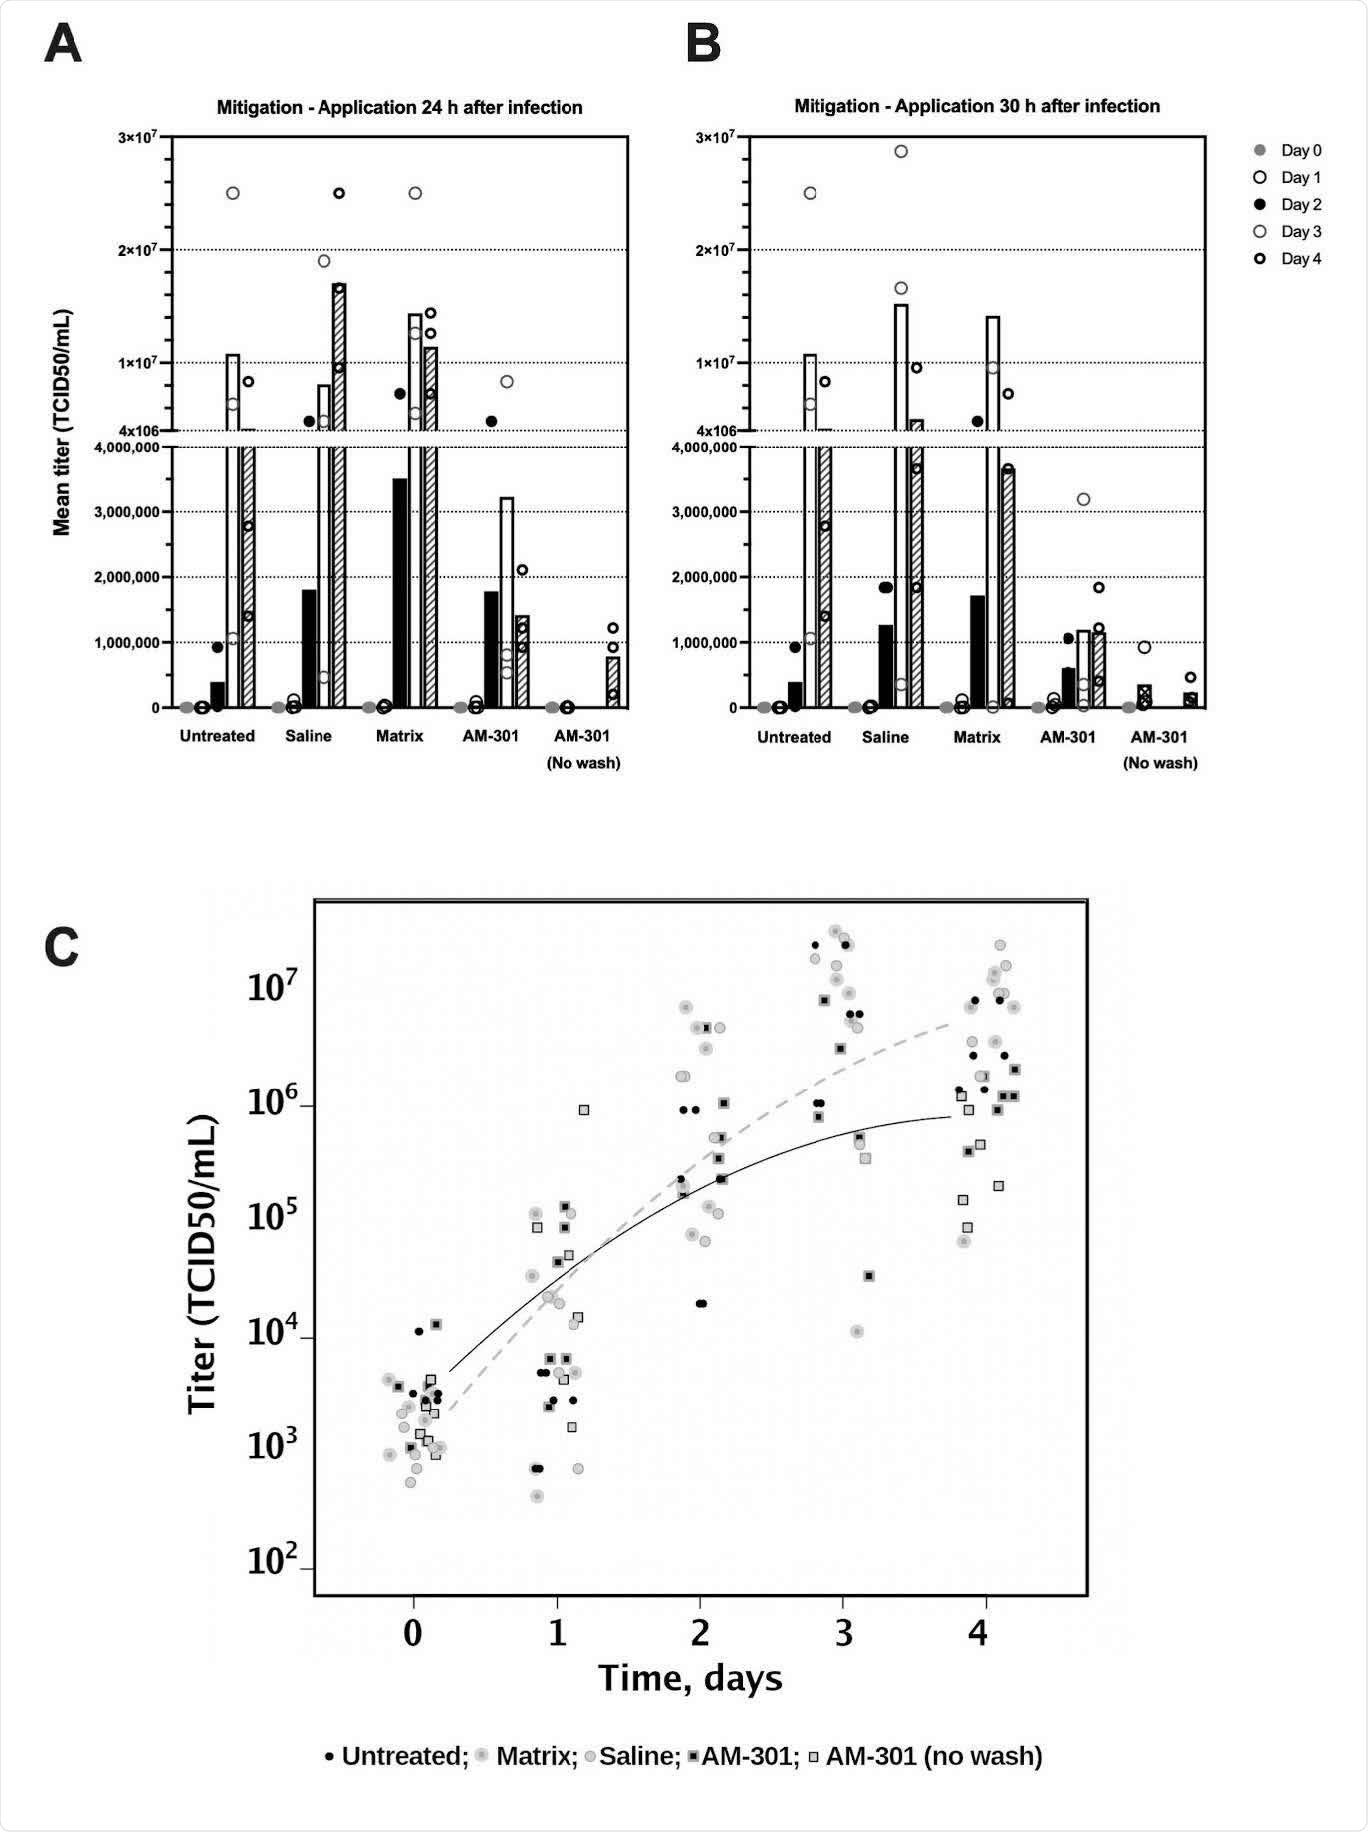 AM-301 na mitigação da infecção SARS-CoV-2. A, cartas de barra de B com valores médios e pontos de dados individuais. As substâncias de teste eram 24 ou 30 aplicados h após o começo da experiência (protocolos 1 e 2, respectivamente). Modelo linear do misturado-efeito de C. O indivíduo registro-linear das mostras do lote do scatter logtransformed dados e curvas côncavas para inserções matriz-tratado negativas das amostras de controle (não tratado, salino e; curva tracejada) e para inserções de AM-301-treated (curva contínua) (t=3.68, p<0.01). O modelo mostra uma retardação no crescimento exponencial, como é observado tipicamente para comportamentos sigmoidal.